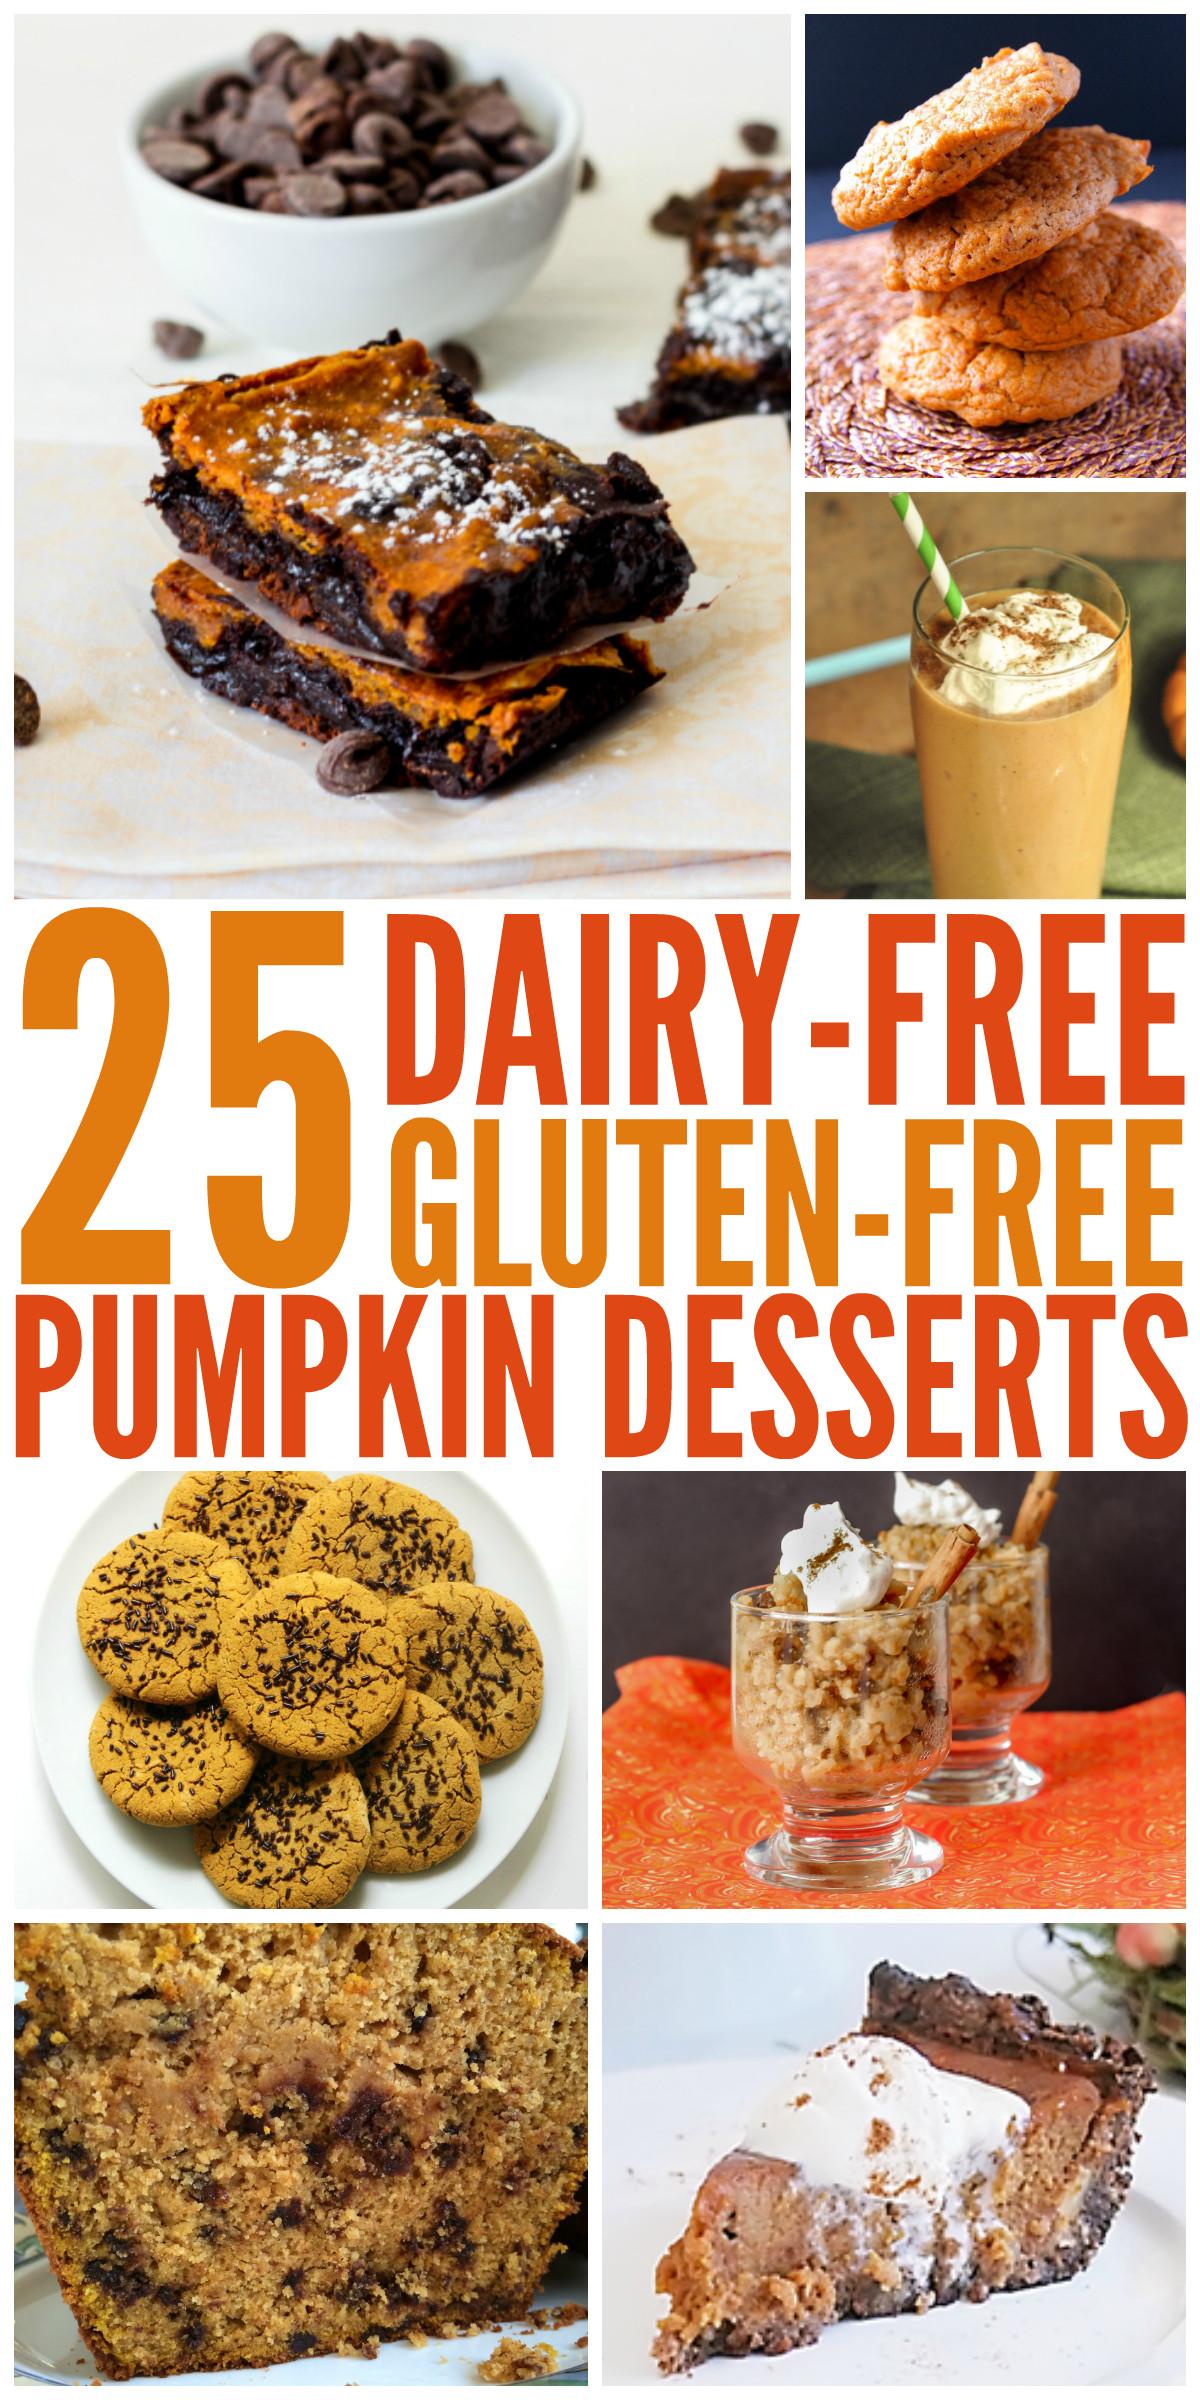 Gluten Free Dairy Free Desserts  25 Dairy Free Gluten Free Pumpkin Desserts My DairyFree